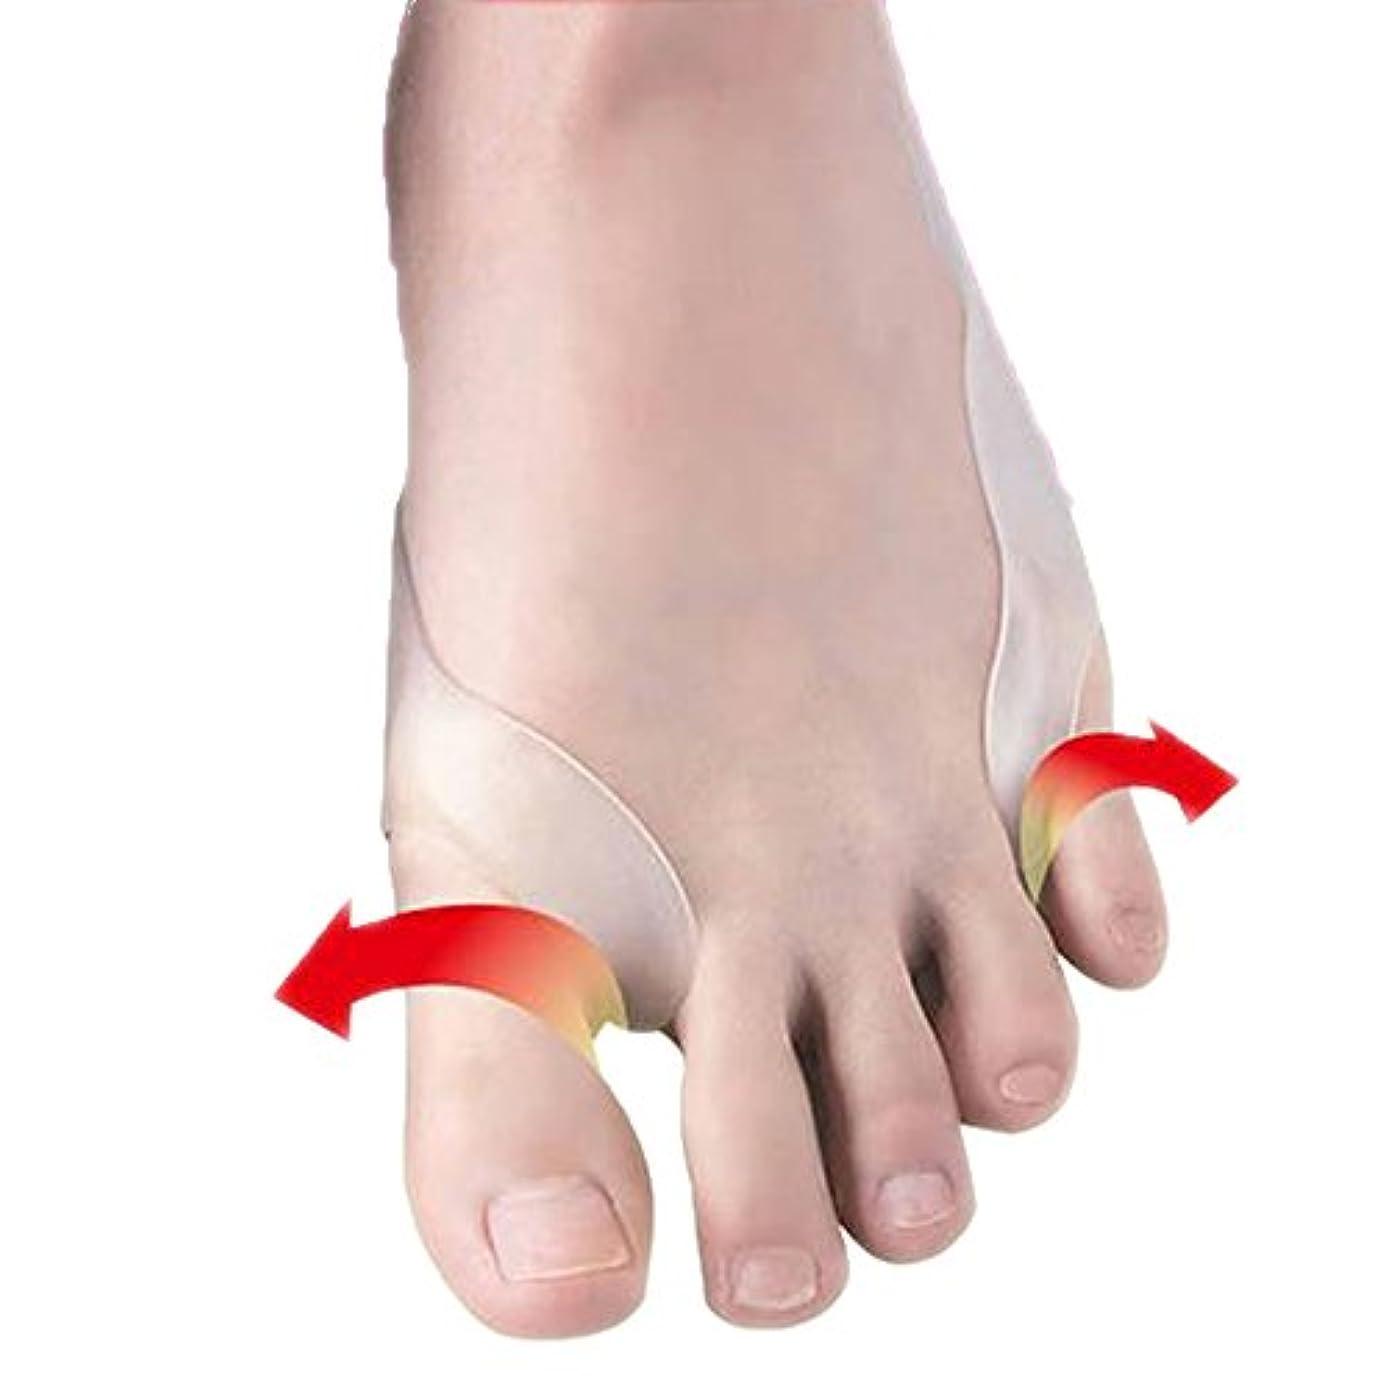 害バック外反母趾用 サポーター 親指ゲルストレッチャー フットケア 矯正グッズ 足の痛み 固定帯 両足用 (フリーサイズ, ホワイト)